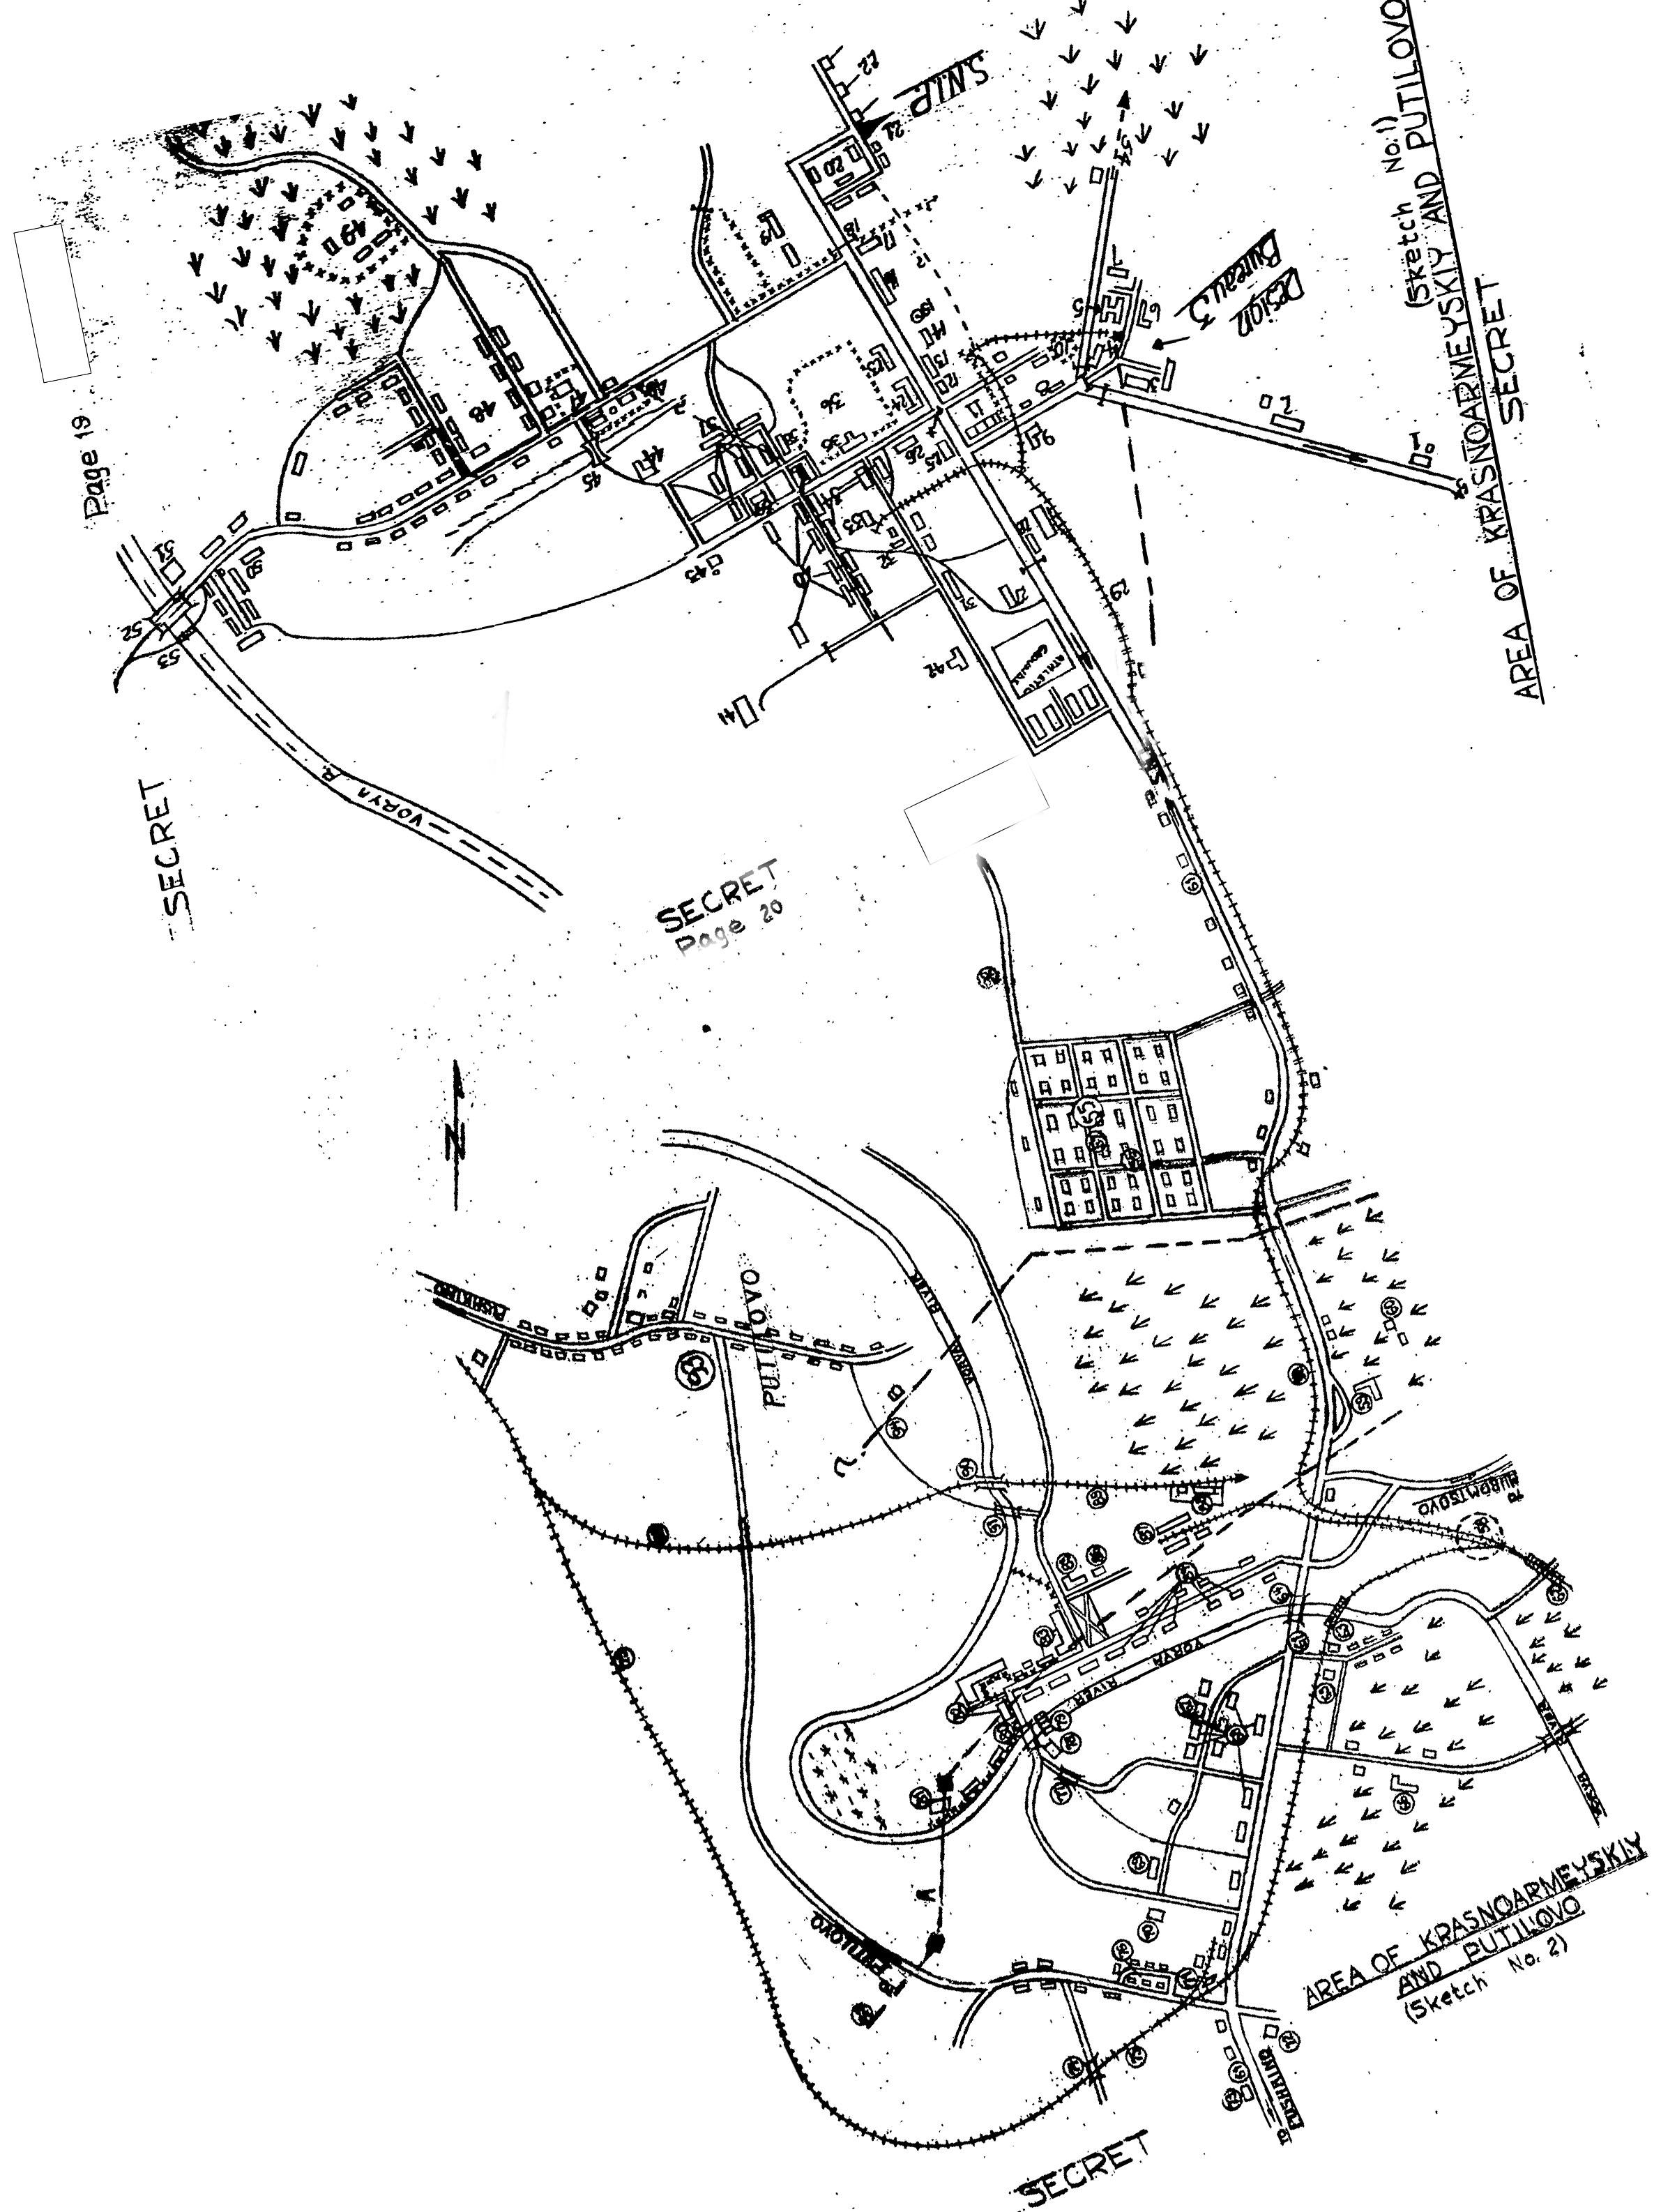 Интерактивная схема города 1950-х годов